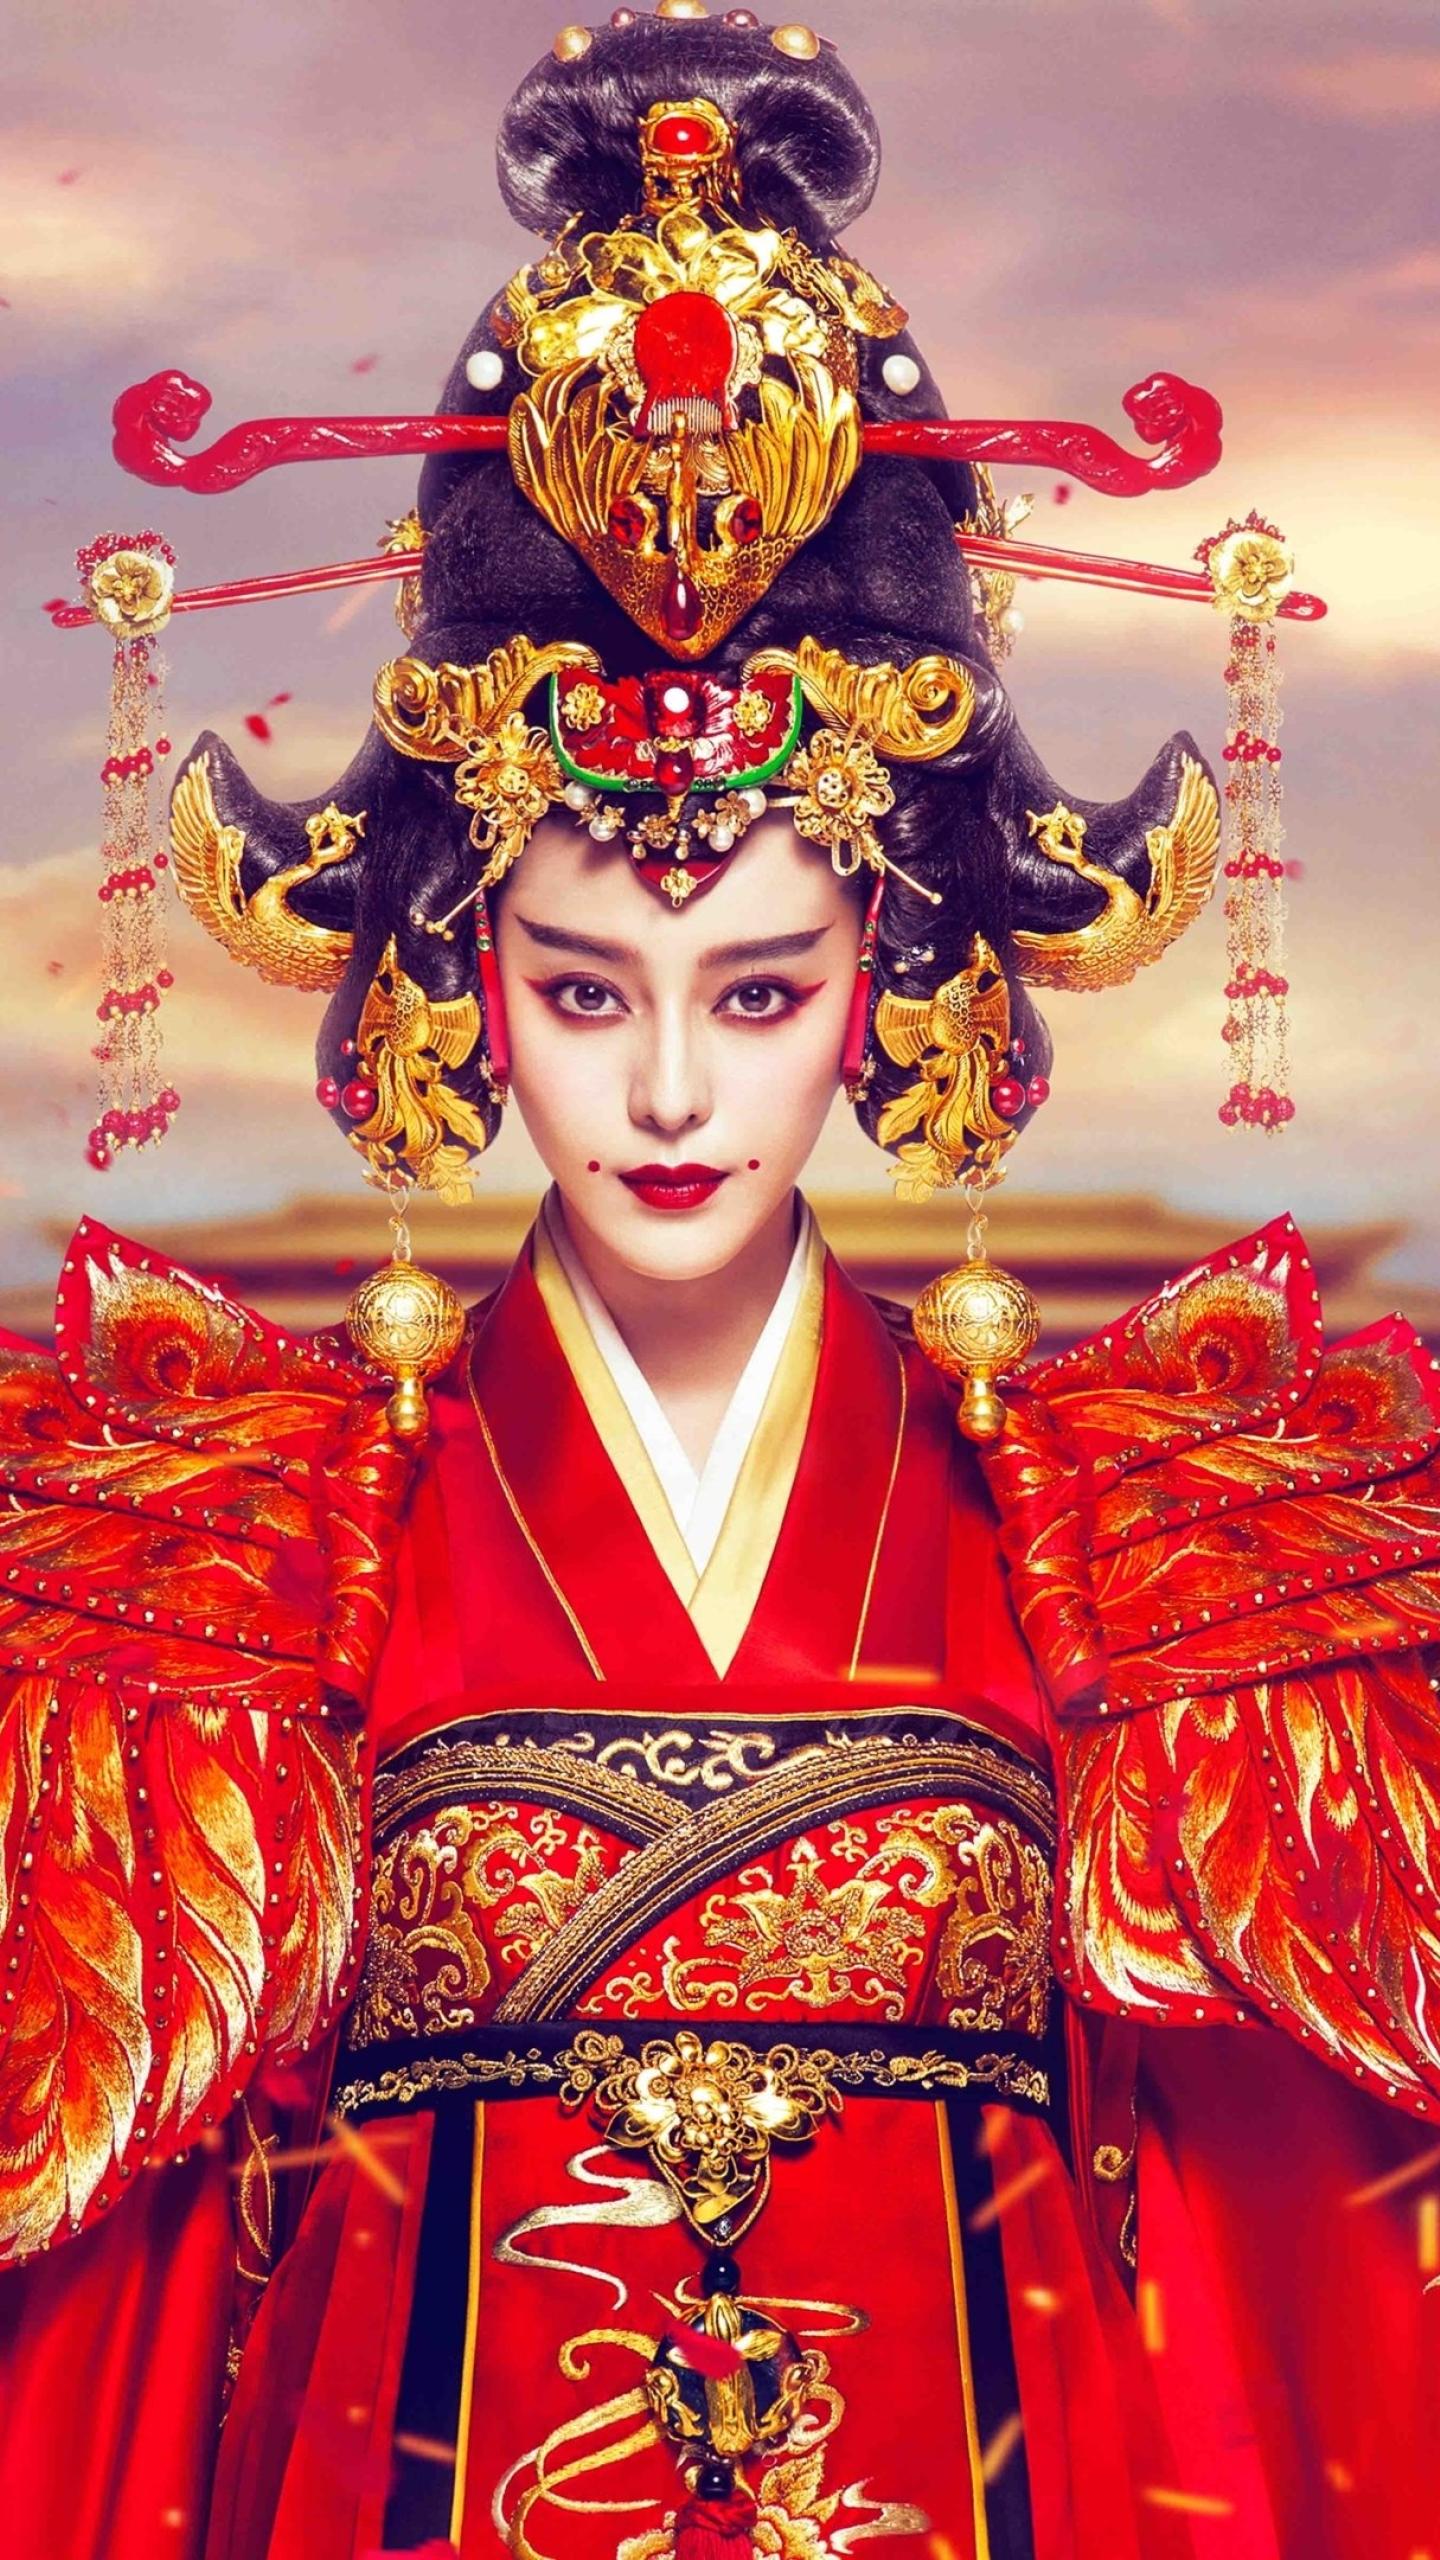 The Empress Of China Fan Bingbing  Hd 4k Wallpaper